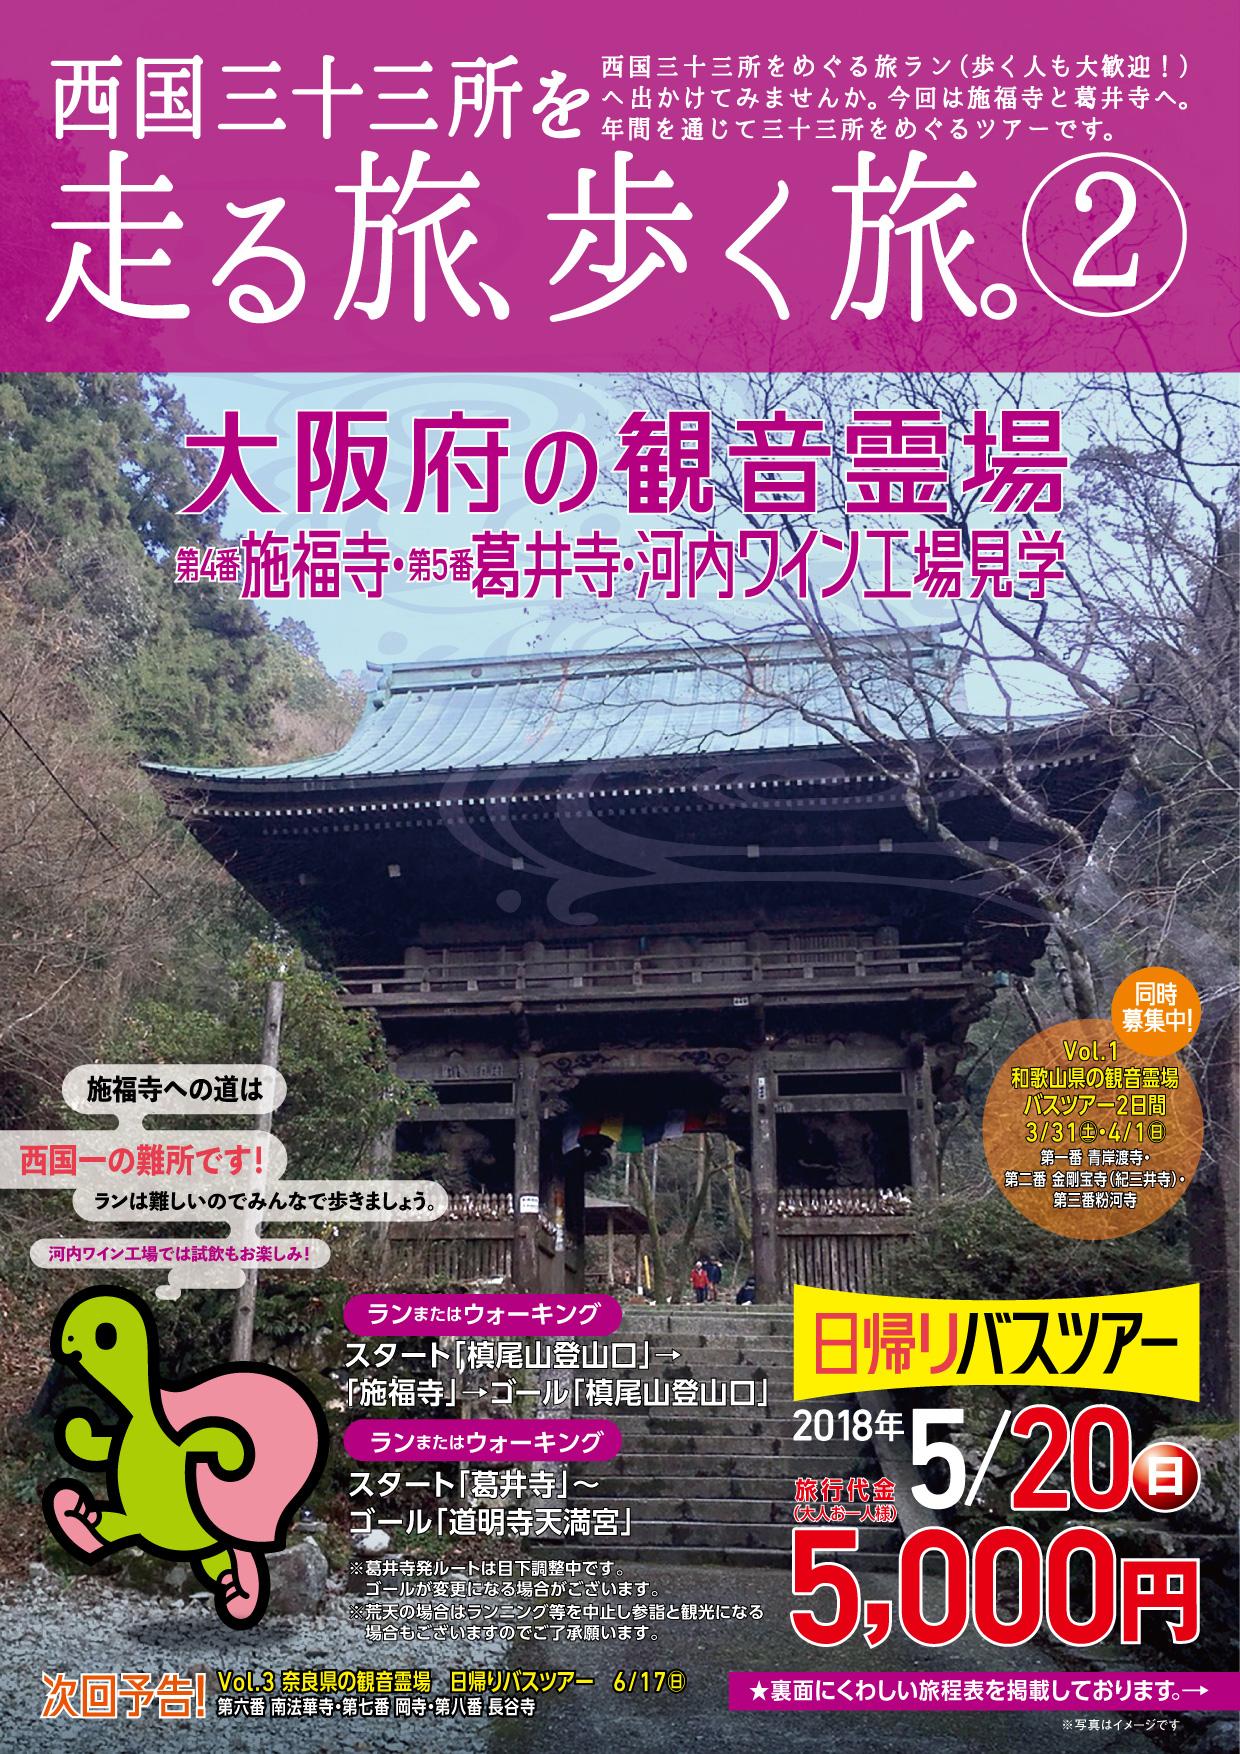 「西国三十三所を走る旅、歩く旅。」〜vol.2 大阪府の観音霊場〜